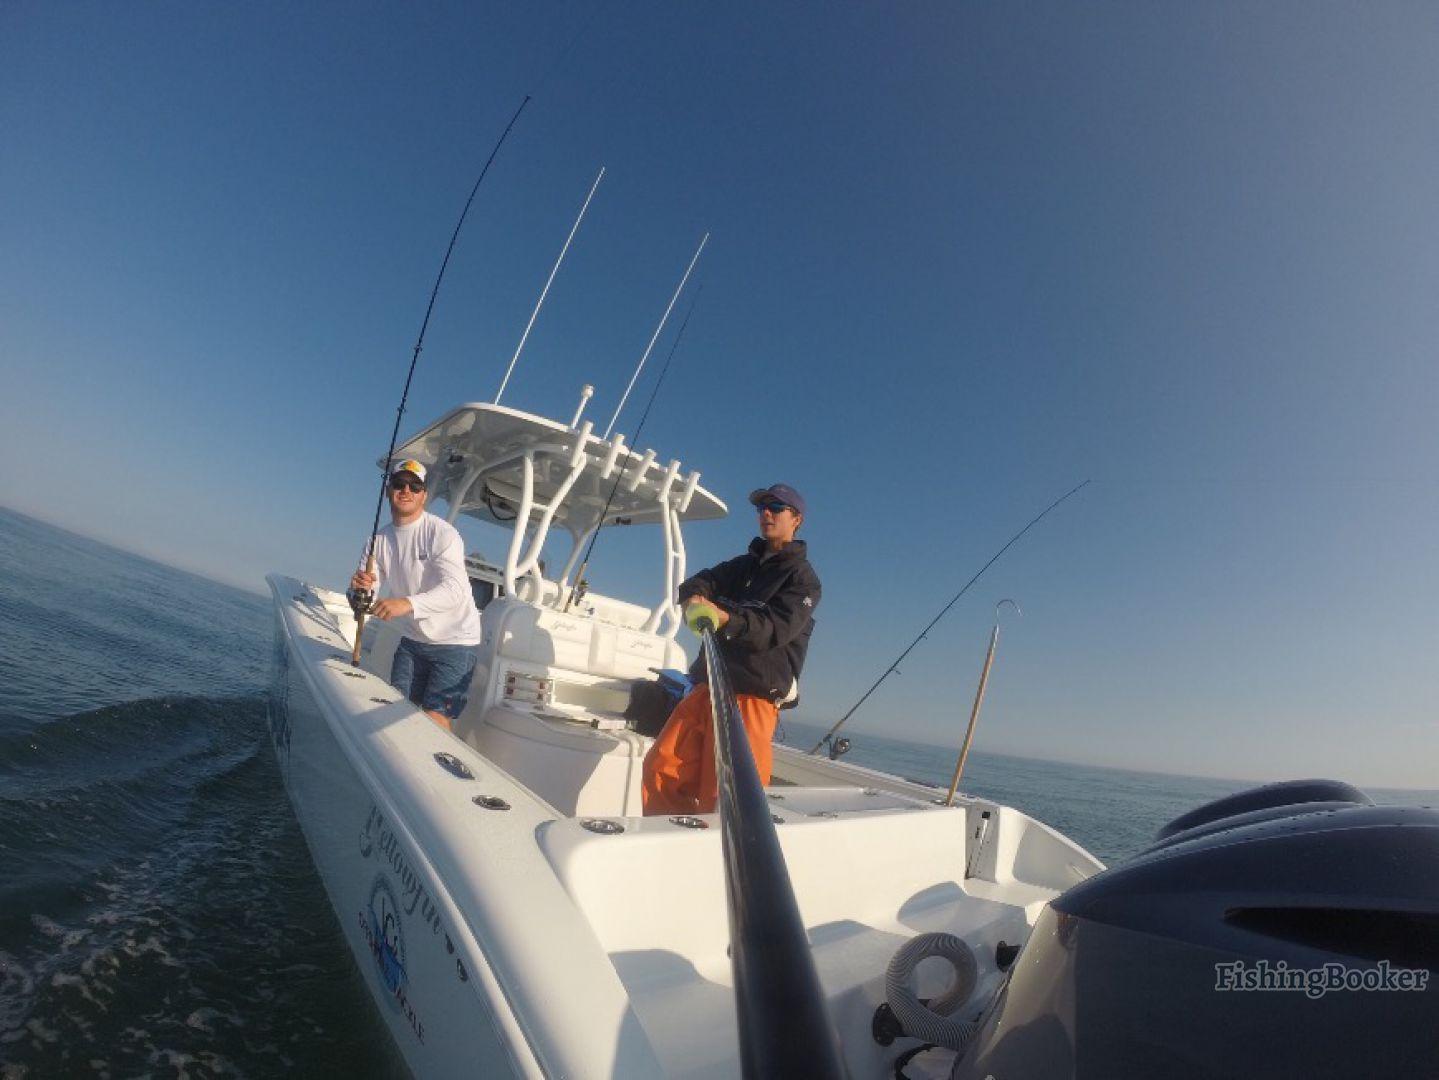 Jakamo sportfishing canyon fishing falmouth for Fishing charters falmouth ma